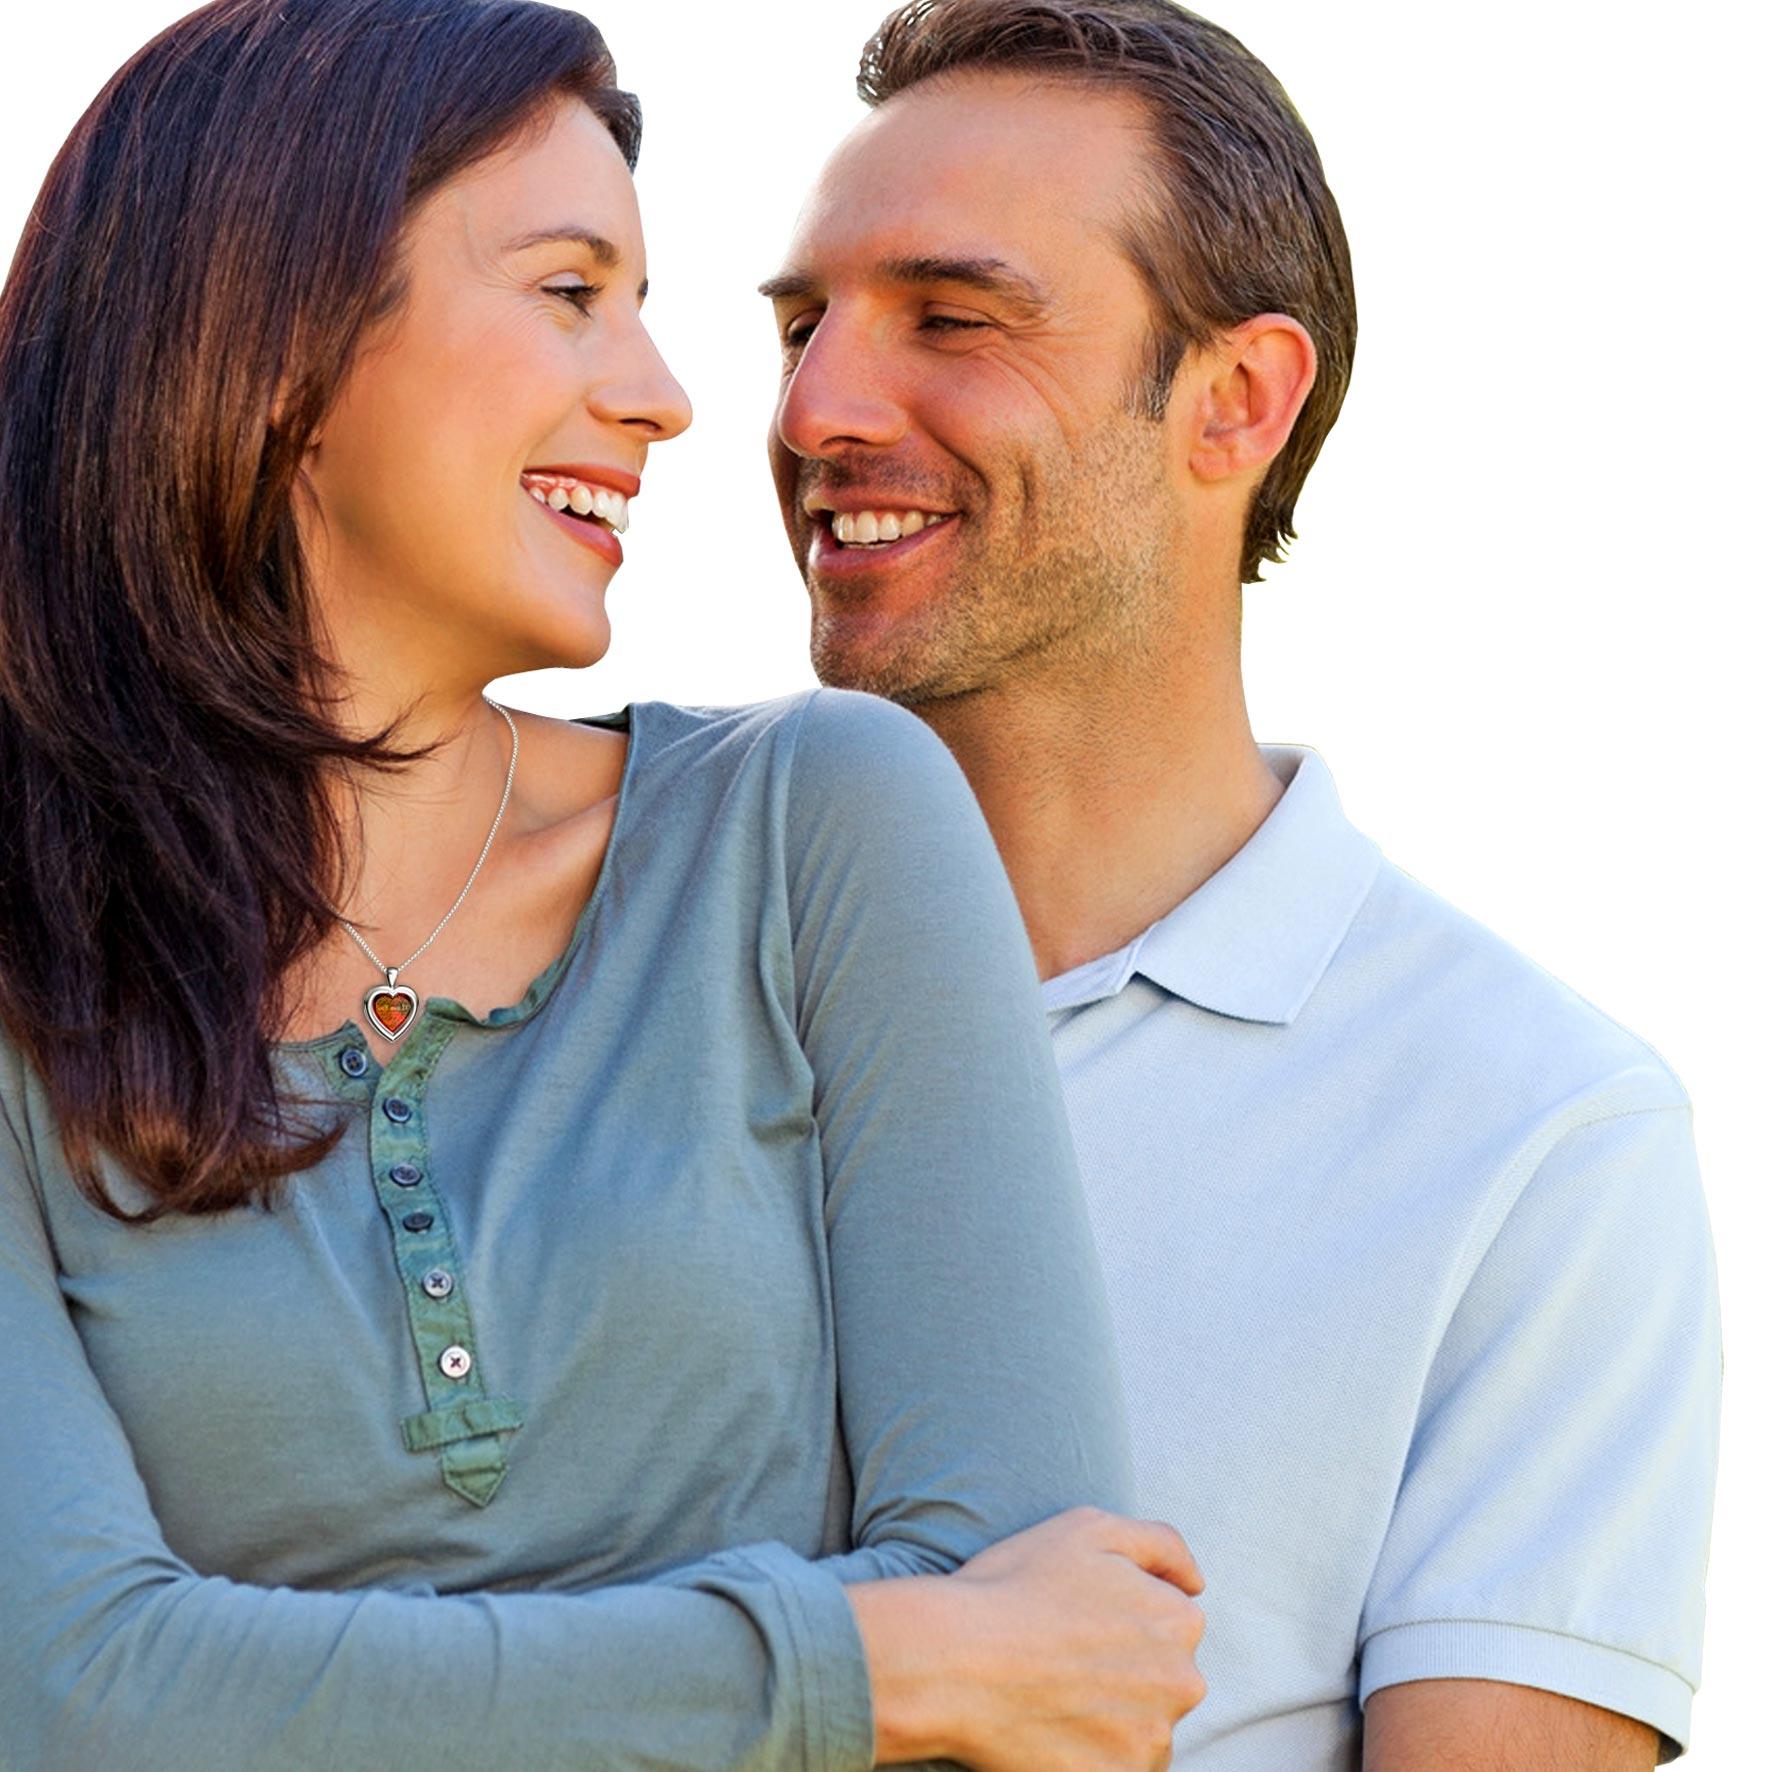 לאישה מתנה: מתנות מיוחדות לאישה, יום הולדת לאישתי, תליון